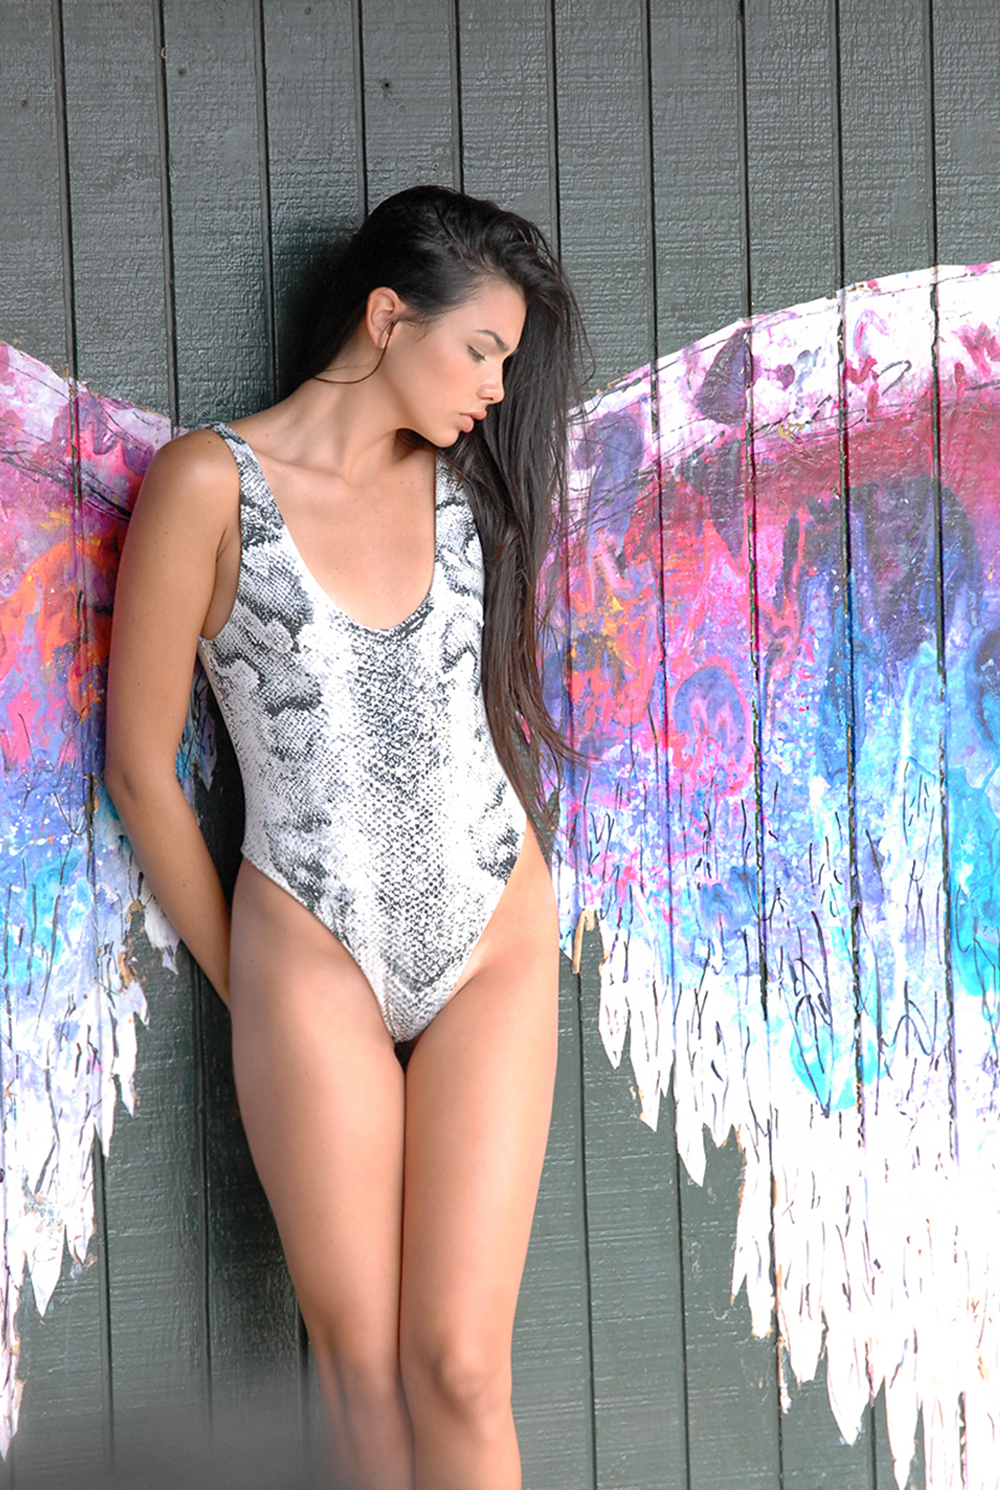 Swimbook_swimsuit_Indah_Kaitlyn_Hitsman_DSC_0792_Colette_Miller.jpg